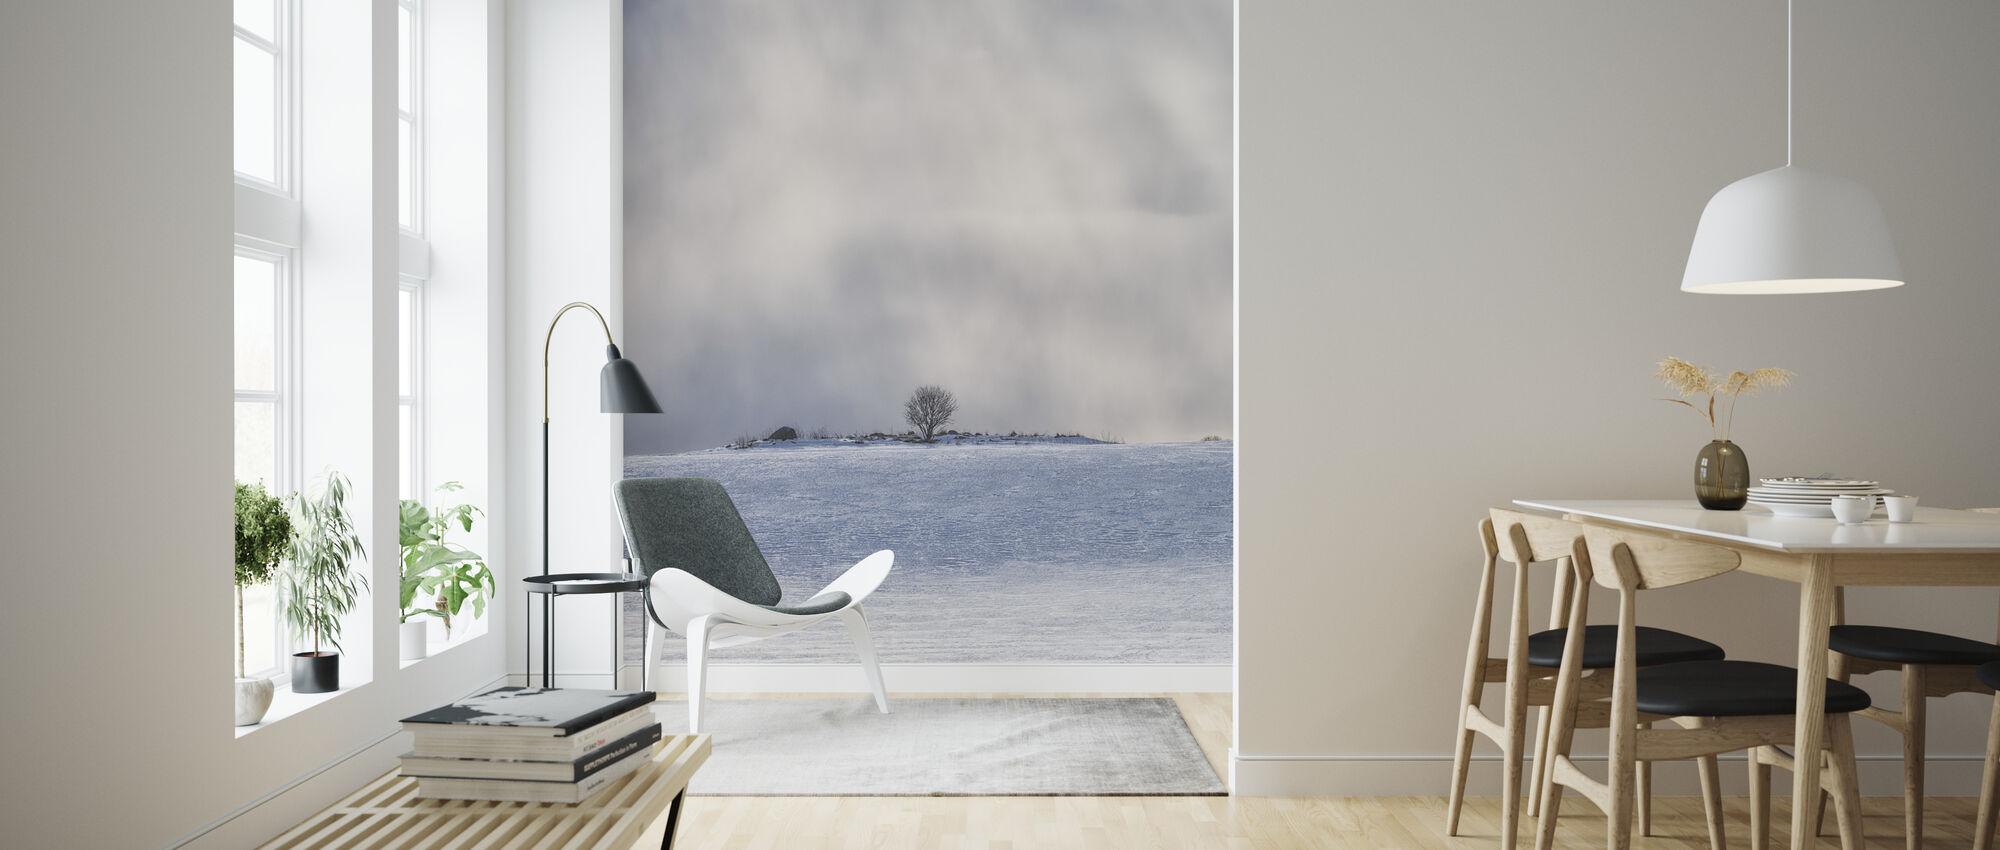 Kylmä Horizon - Tapetti - Olohuone